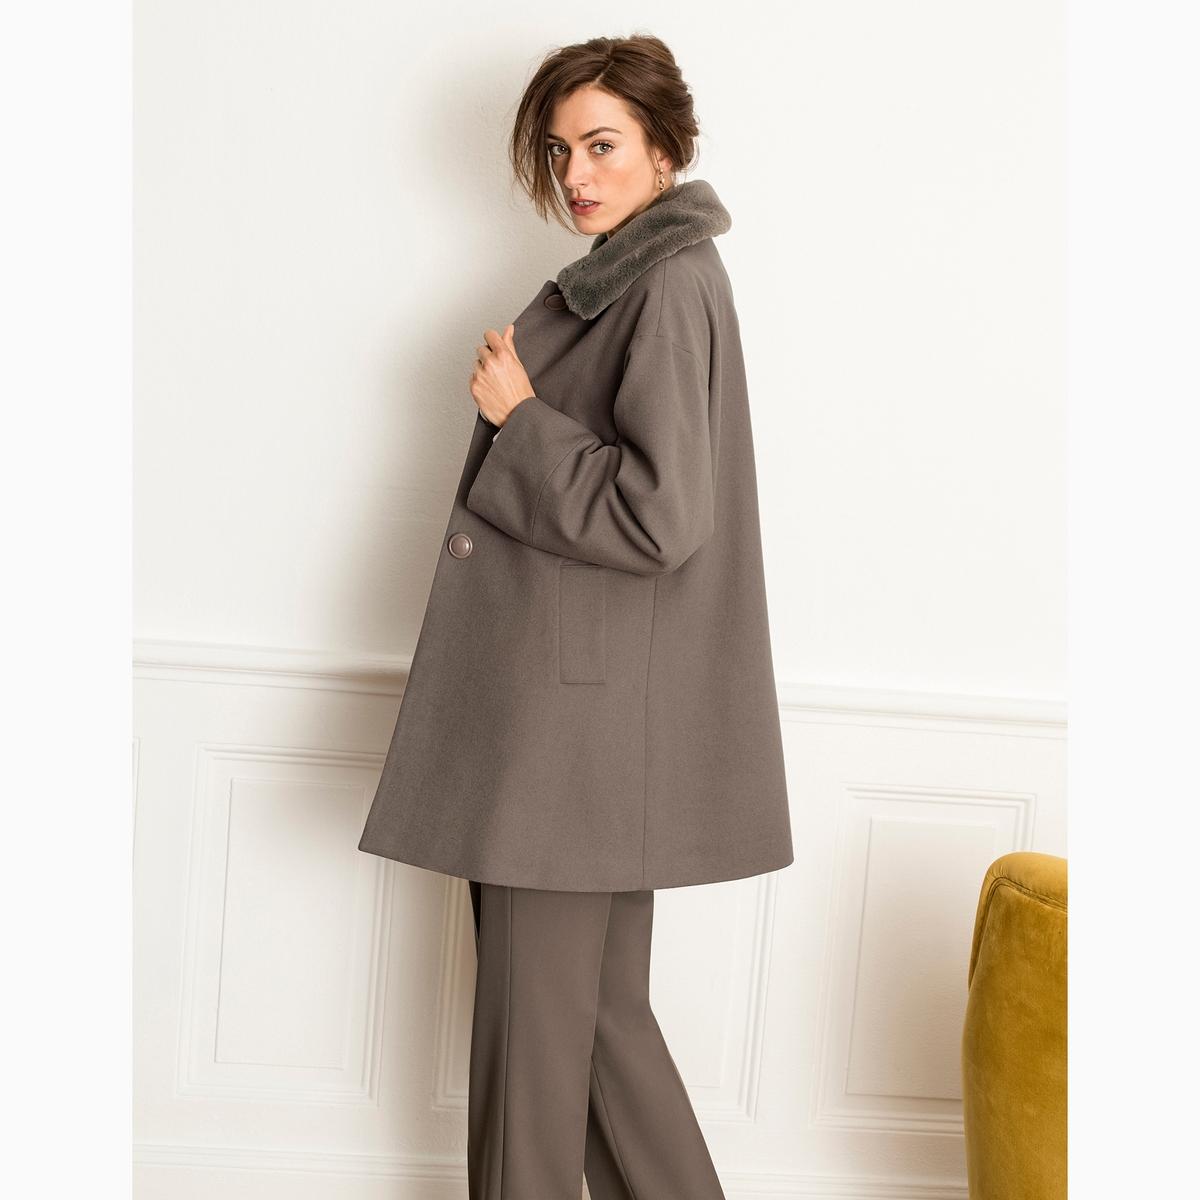 Пальто из имитации мехаОписание:Расширяющийся к низу покрой в стиле плаща, теплое и удобное пальто . Красивый стильный воротник с имитацией меха согреет вас  .Детали •  Длина : средняя •  Воротник-поло, рубашечный • Застежка на пуговицыСостав и уход •  57% шерсти, 10% других волокон, 33% полиэстера •  Подкладка : 100% полиэстер •  Температура стирки при 30° на деликатном режиме   •  Деликатная чистка/без отбеливателей •  Не использовать барабанную сушку   •  Низкая температура глажки<br><br>Цвет: серо-коричневый,черный<br>Размер: 38 (FR) - 44 (RUS).50 (FR) - 56 (RUS).48 (FR) - 54 (RUS).46 (FR) - 52 (RUS).44 (FR) - 50 (RUS).42 (FR) - 48 (RUS).40 (FR) - 46 (RUS).52 (FR) - 58 (RUS).50 (FR) - 56 (RUS).46 (FR) - 52 (RUS).44 (FR) - 50 (RUS).42 (FR) - 48 (RUS).40 (FR) - 46 (RUS)